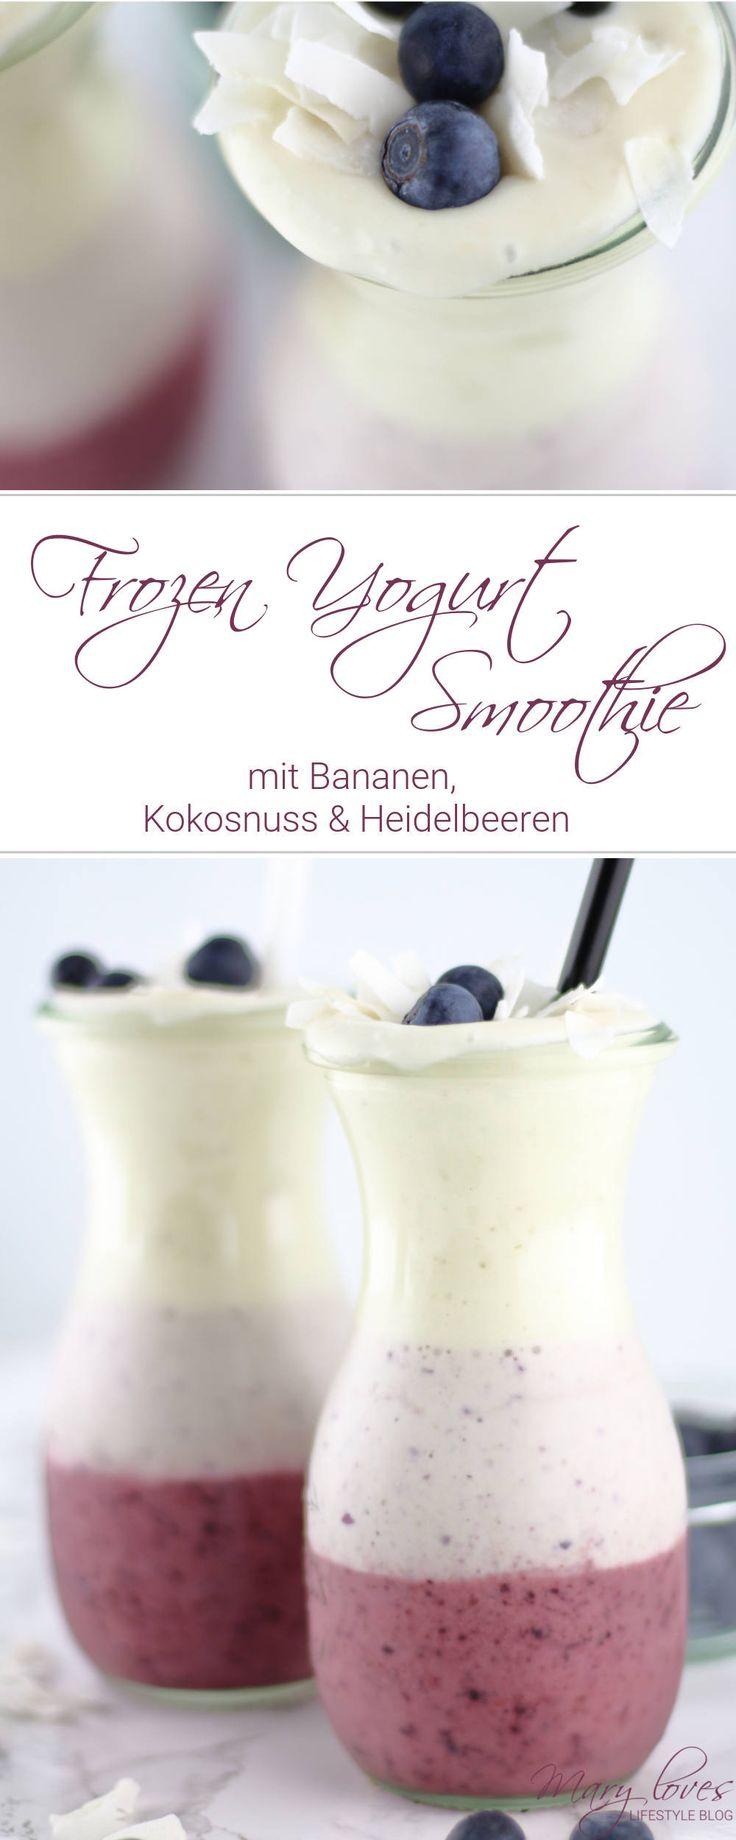 Rezept für den Sommer- Frozen Yogurt Smoothie mit Bananen und Heidelbeeren - Gefrorener Bananen-Heidelbeer-Smoothie mit Kokos und Joghurt - FroYo-Smoothie mit Bananen, Kokosnuss und Heidelbeeren